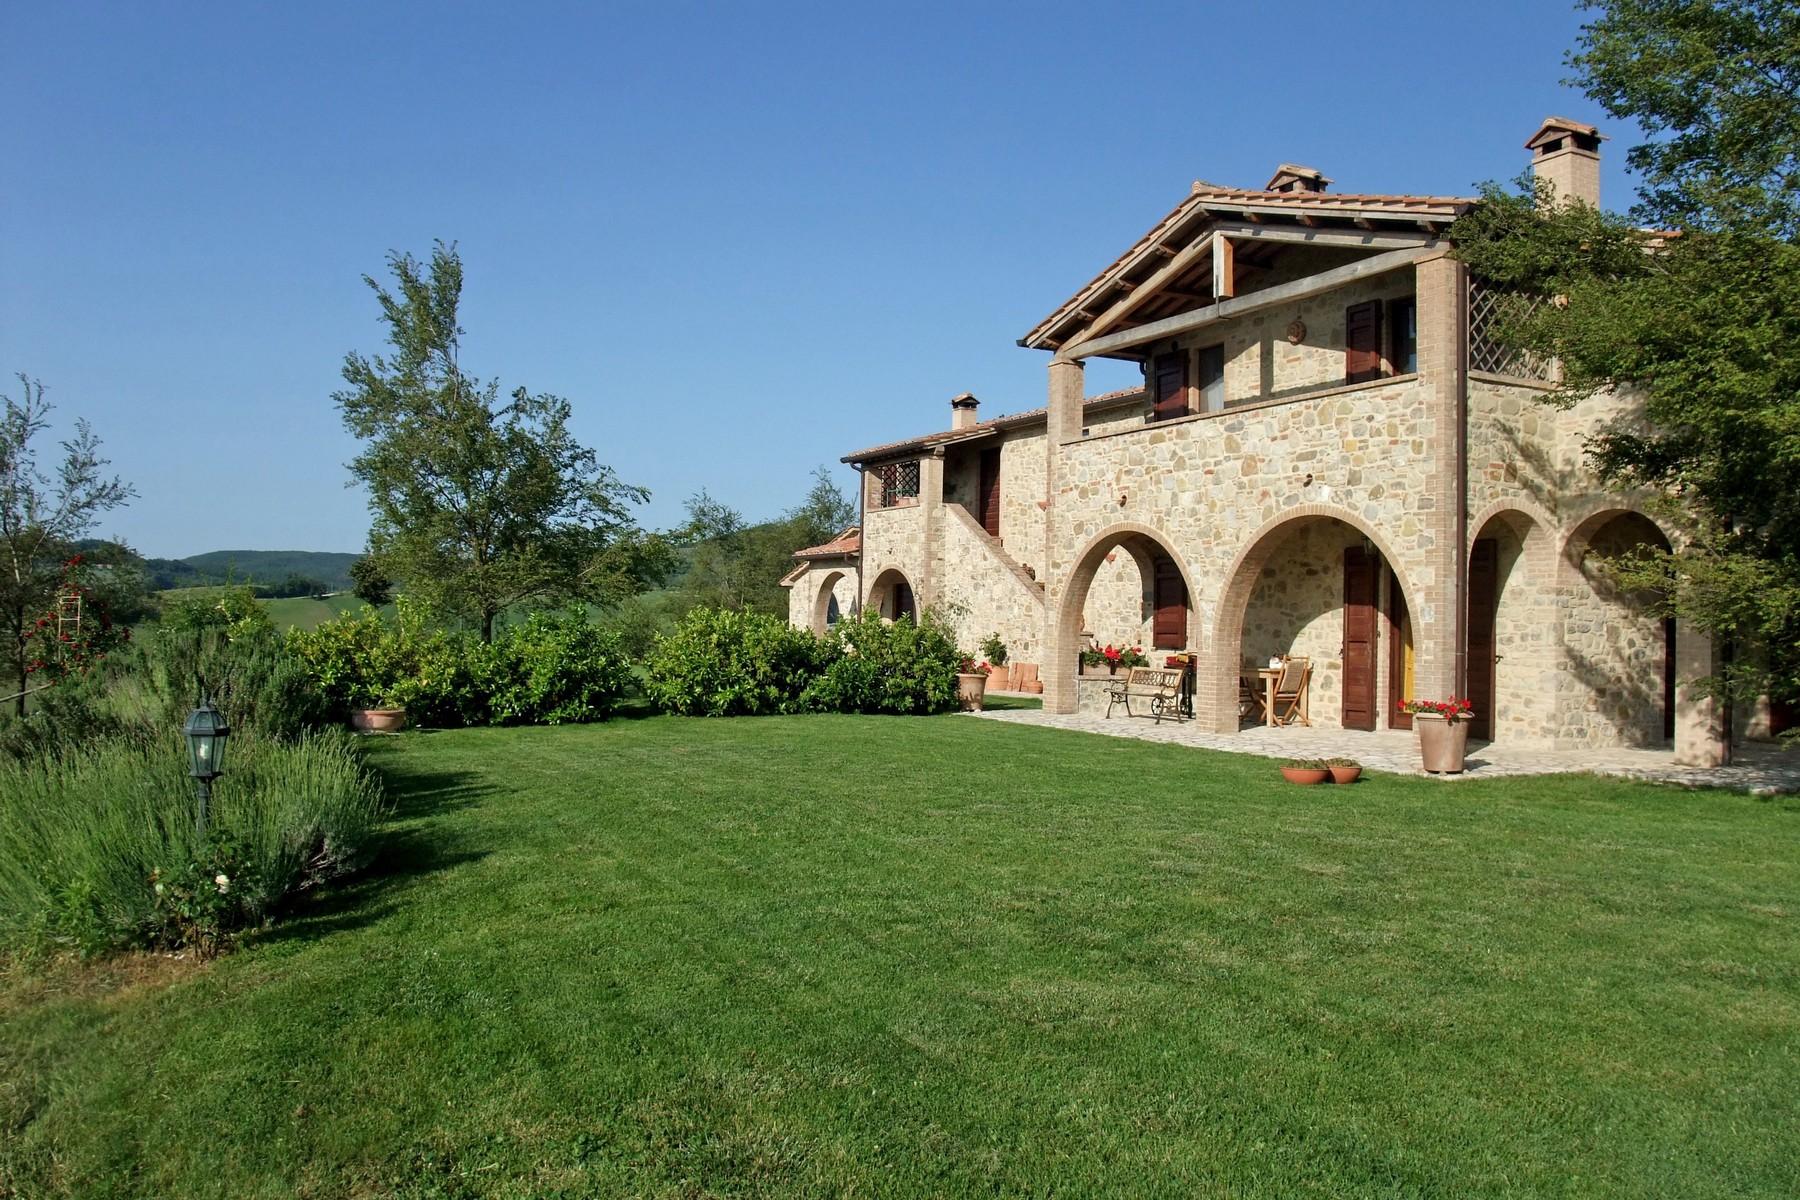 Single Family Homes for Sale at Prestigious property in a unique position Fabro, Terni Italy